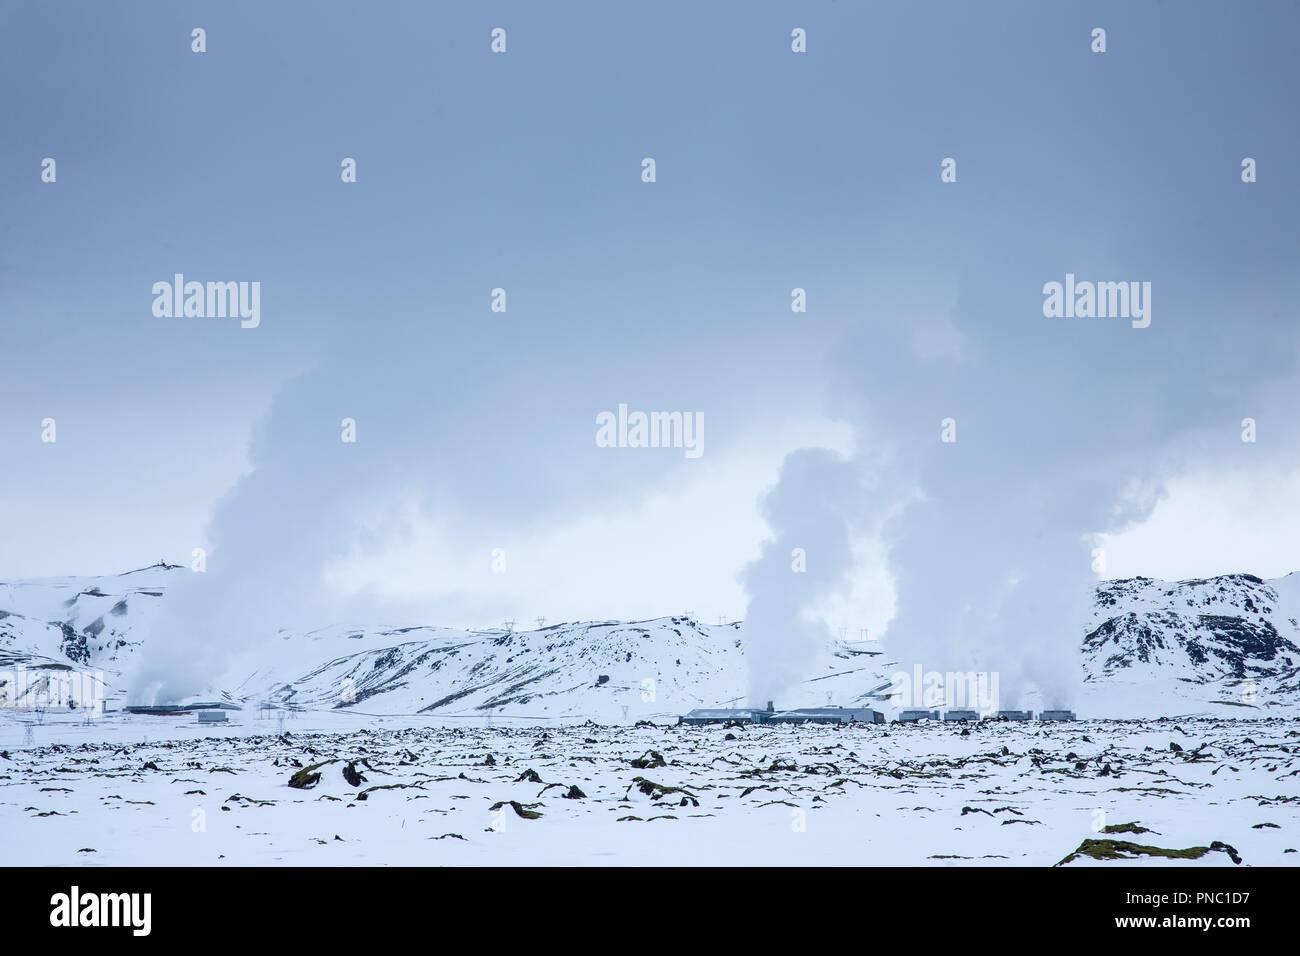 L'augmentation de vapeur à puissance Natturunn SUR Orka, l'énergie de la nature, l'énergie verte l'énergie renouvelable centrale géothermique, Reykjavik, Islande Du Sud Photo Stock